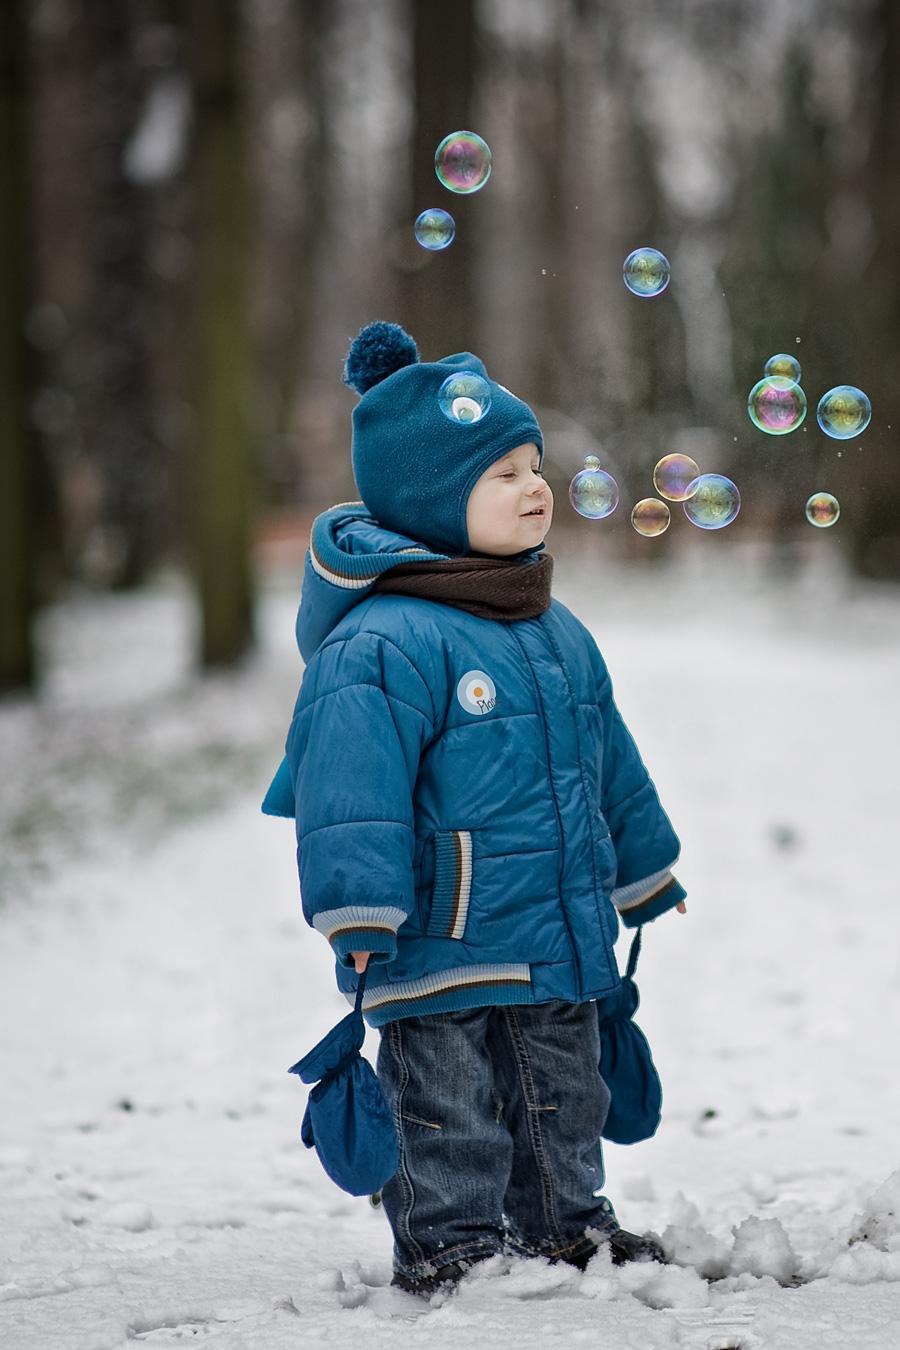 zdjęcia dzieci radziszewski